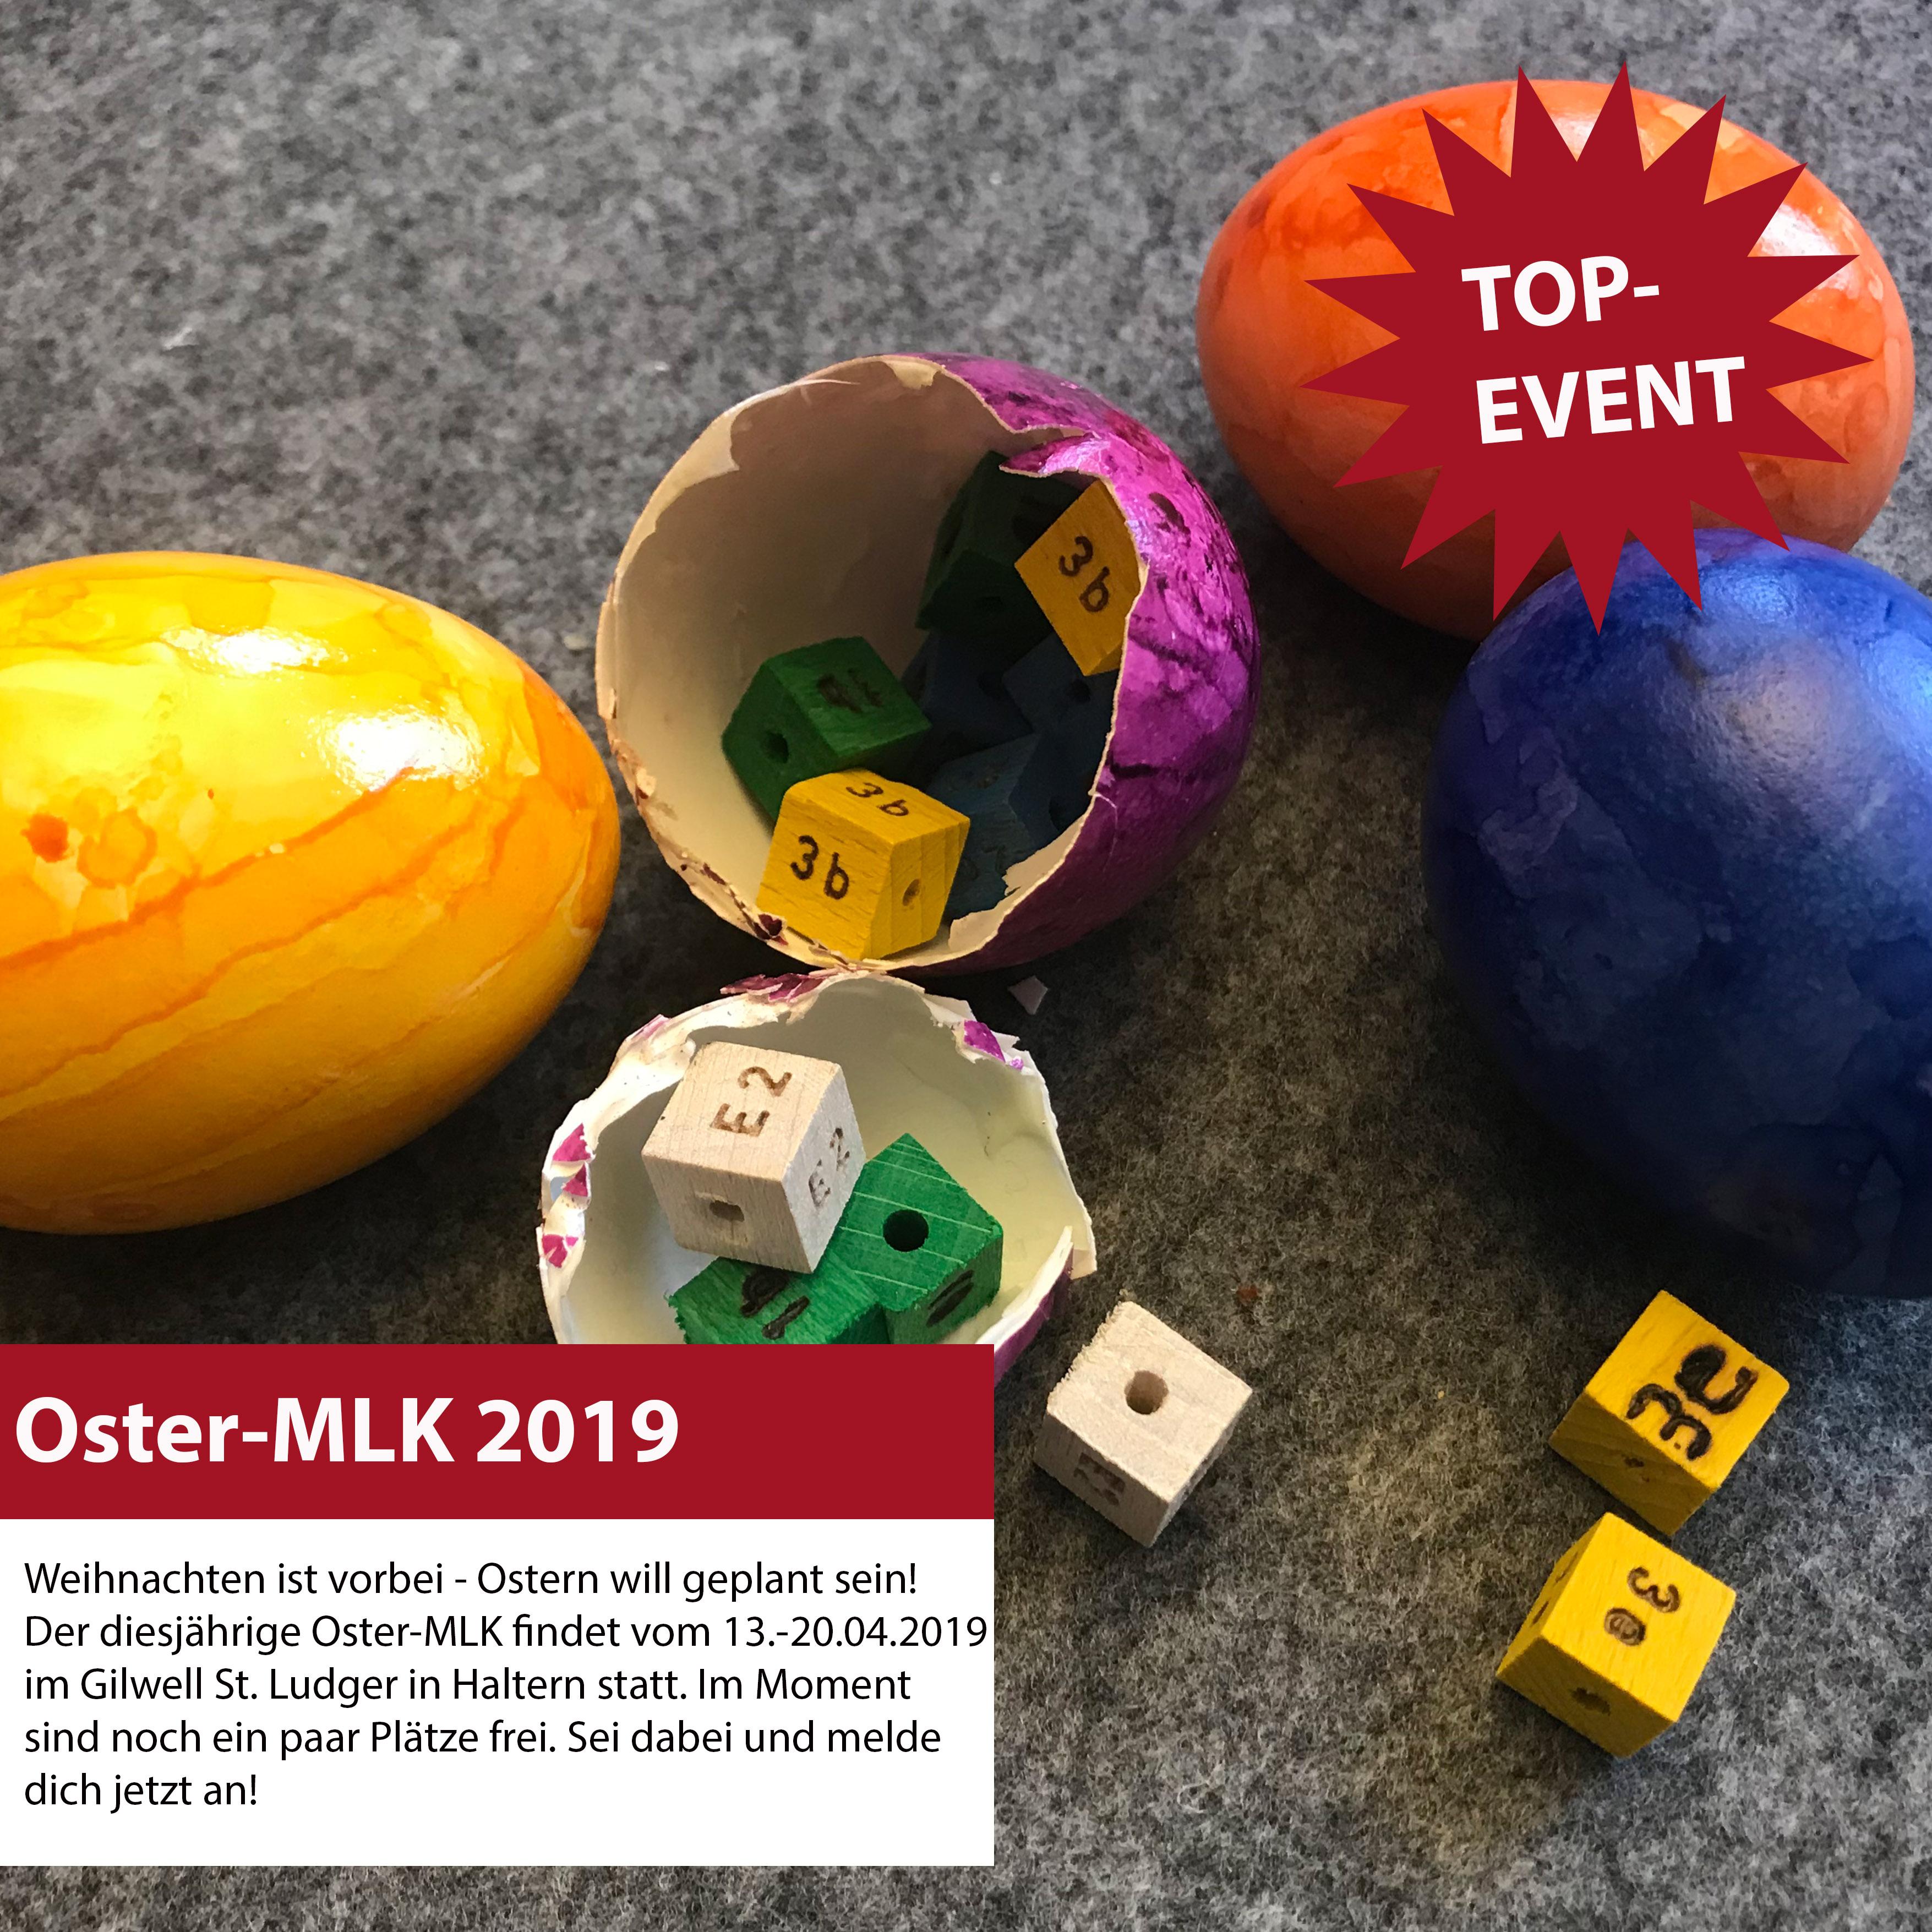 OsterMLK_TopEvent.jpg